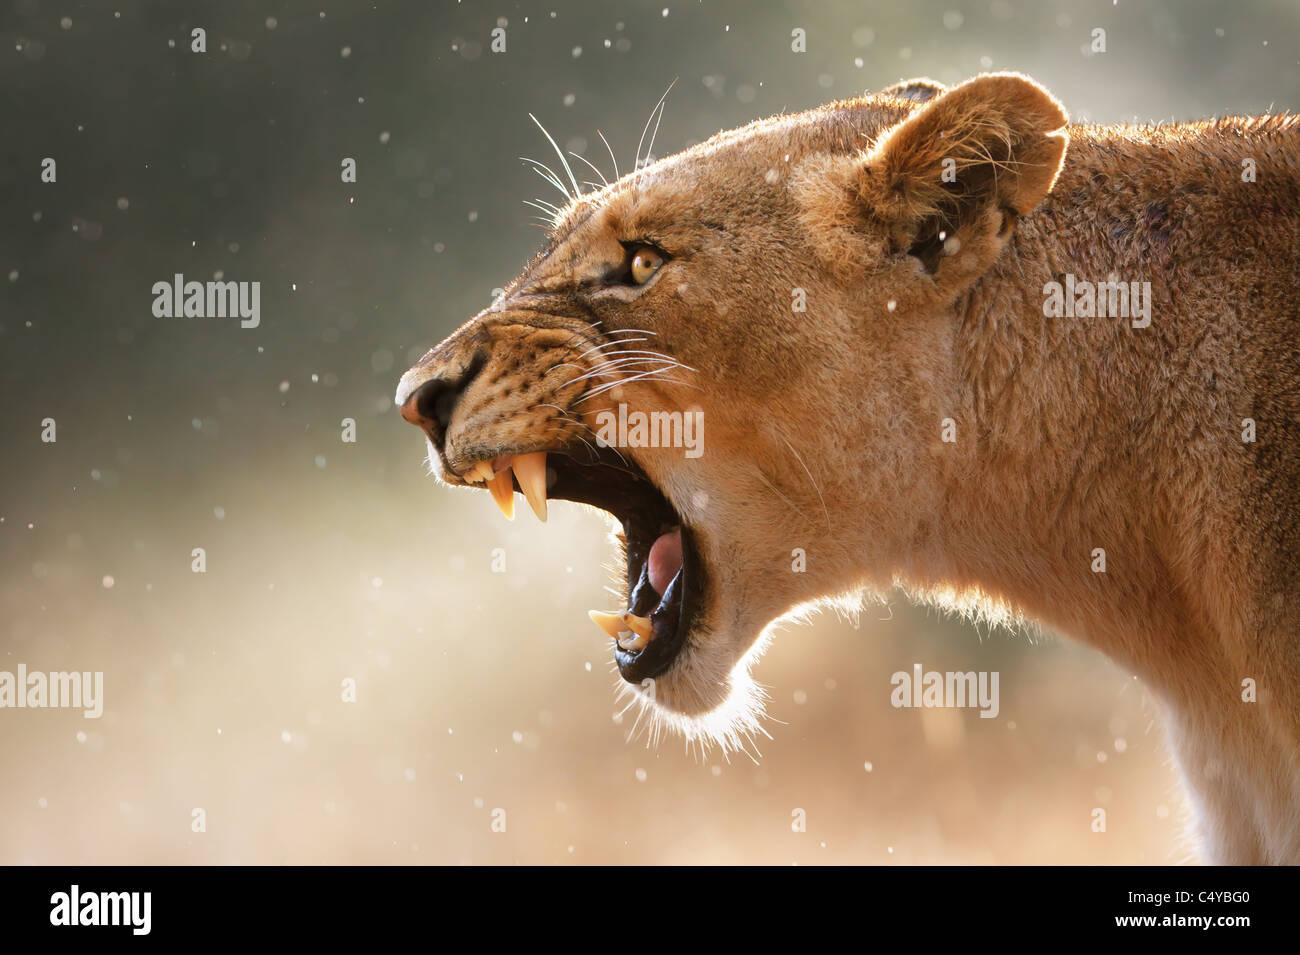 Leoa exibe os dentes durante o perigoso luz temporal - Parque Nacional Kruger - África do Sul Imagens de Stock